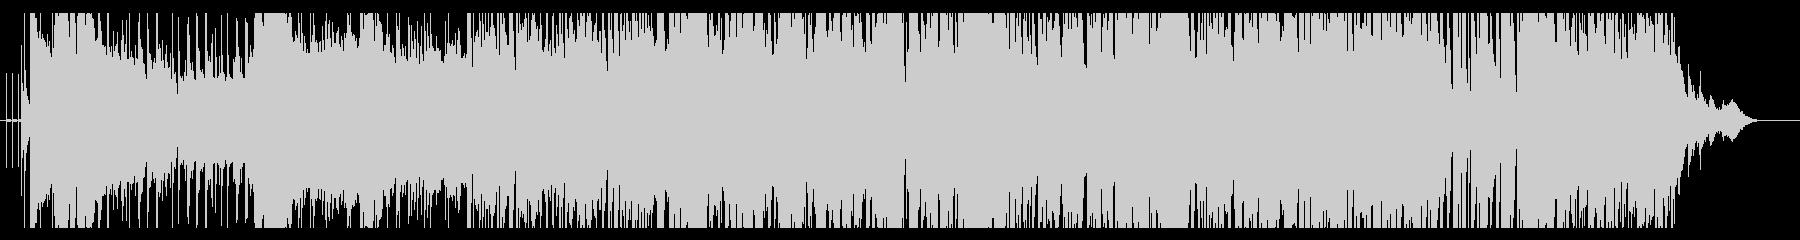 【電波系】疾走感のある明るいPopsの未再生の波形